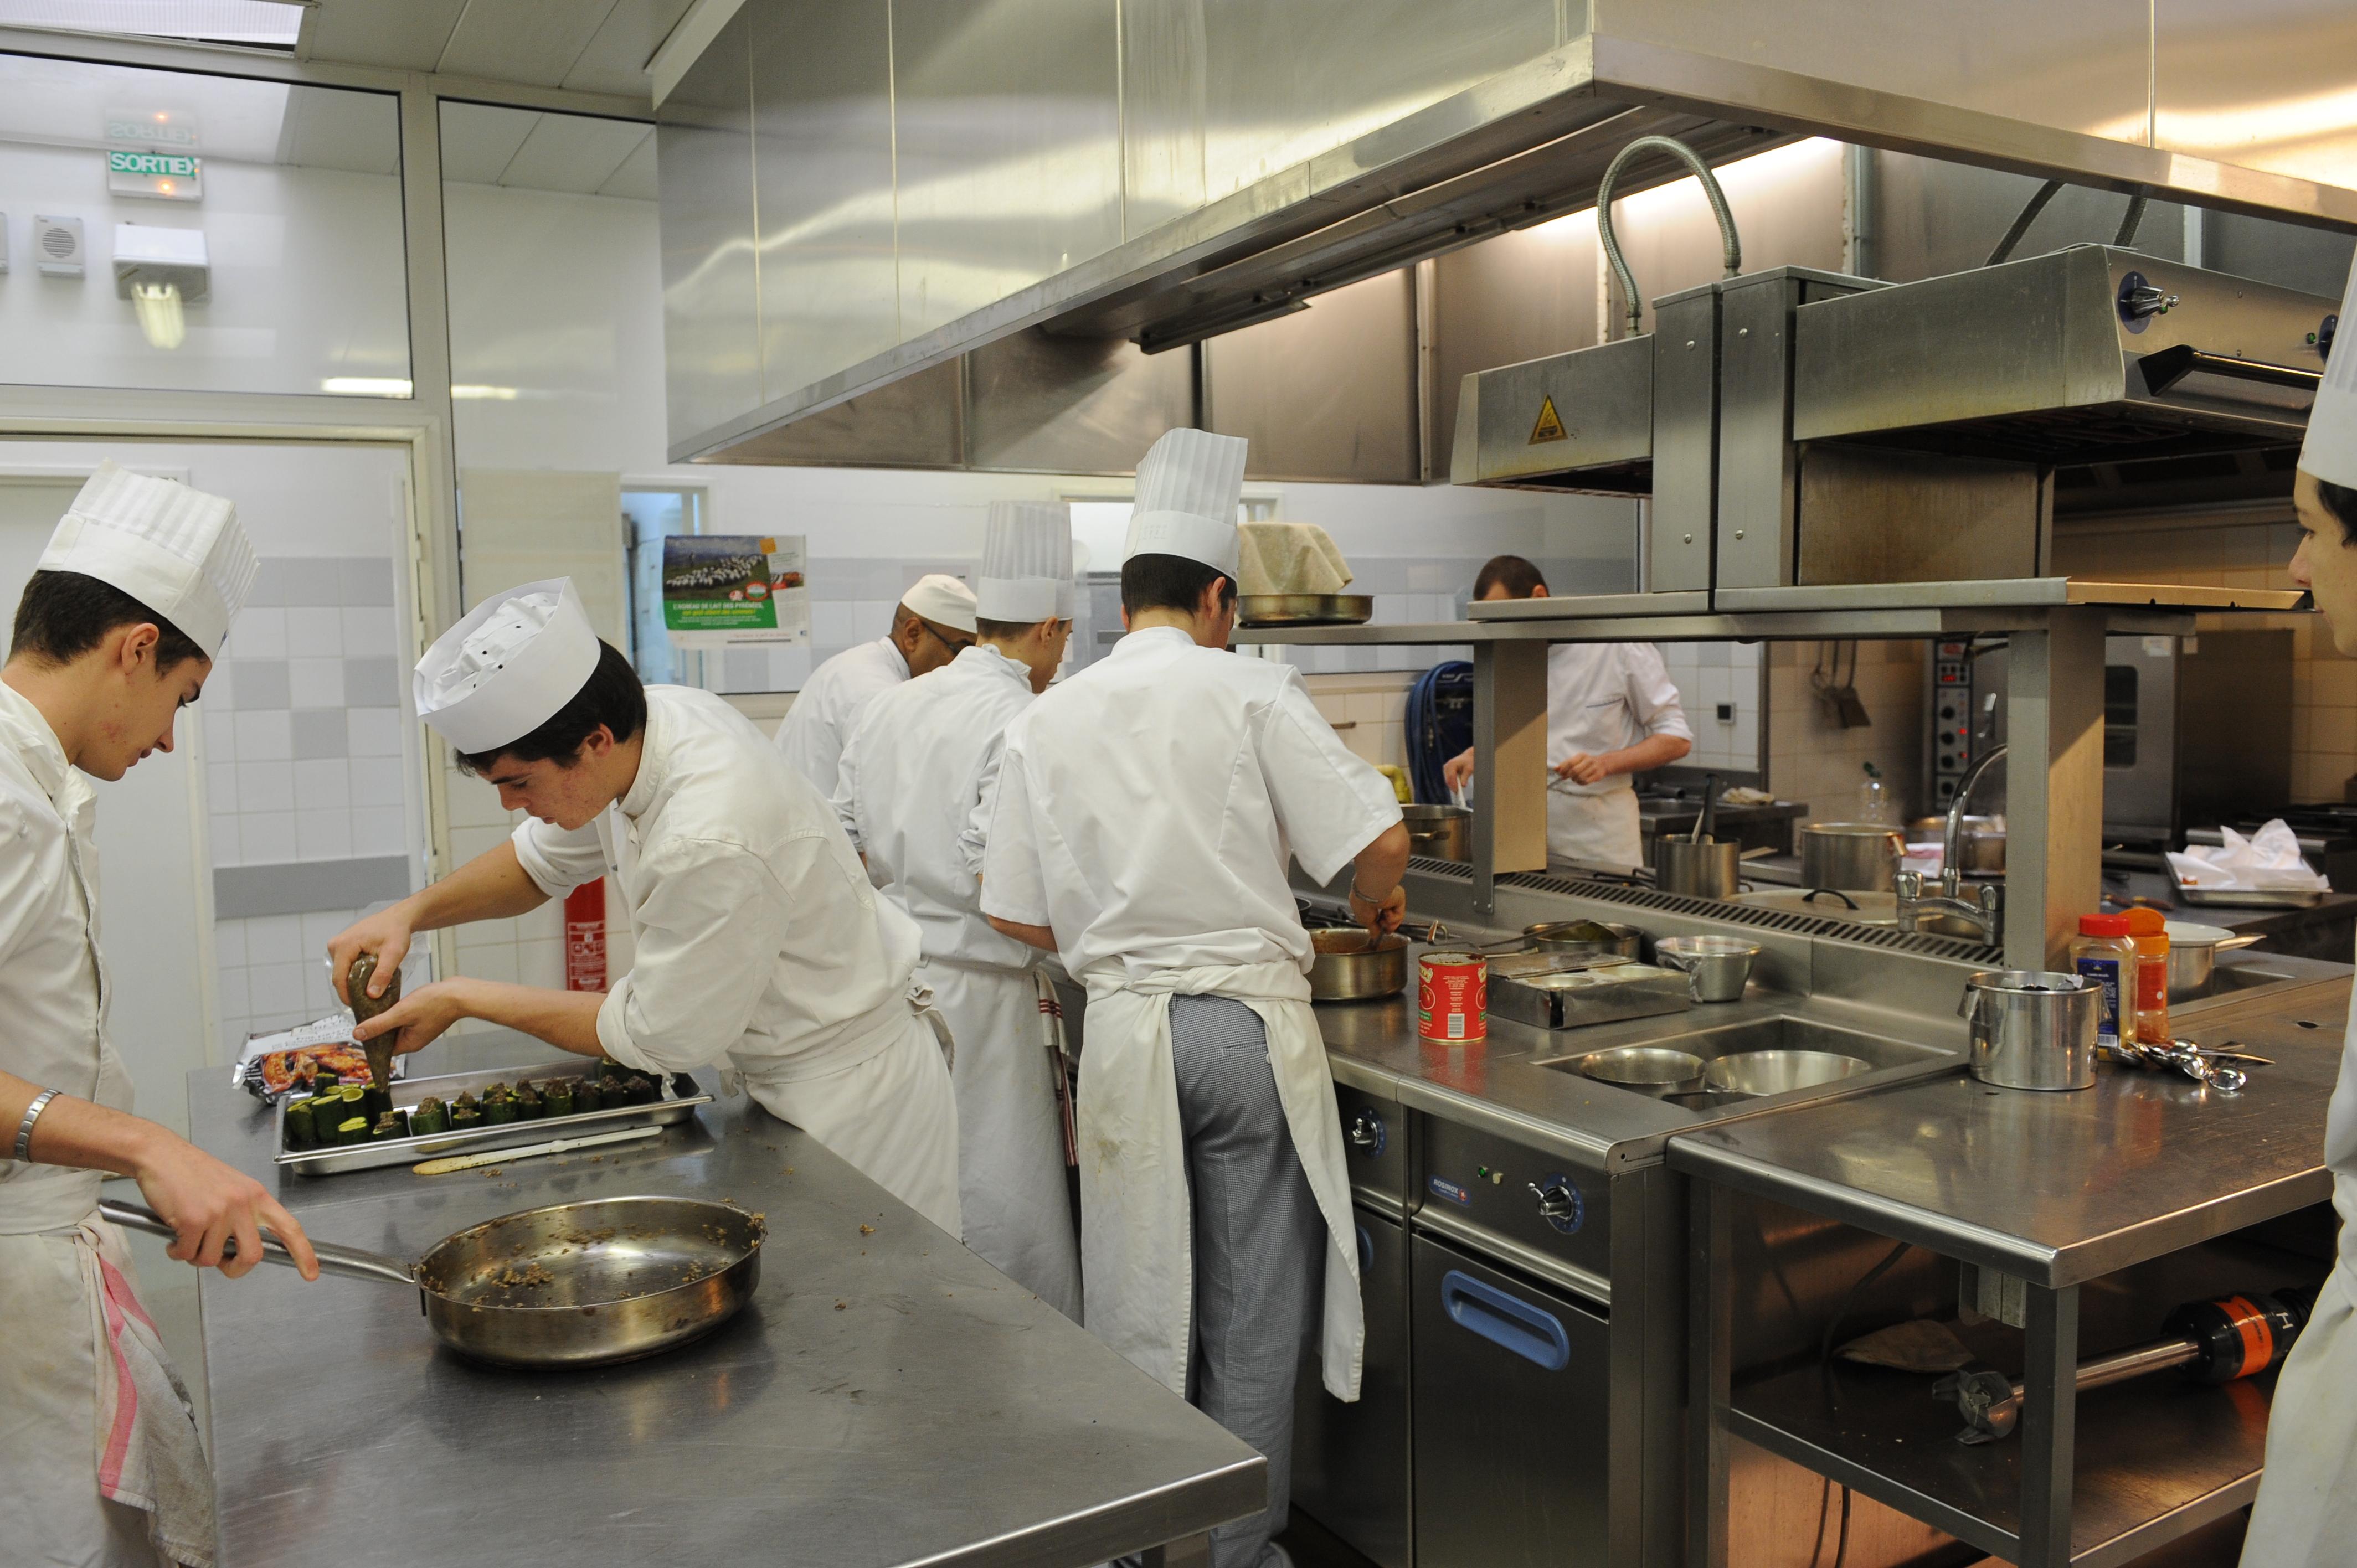 Bac pro cuisine lyc e de gascogne - Brevet professionnel cuisine ...